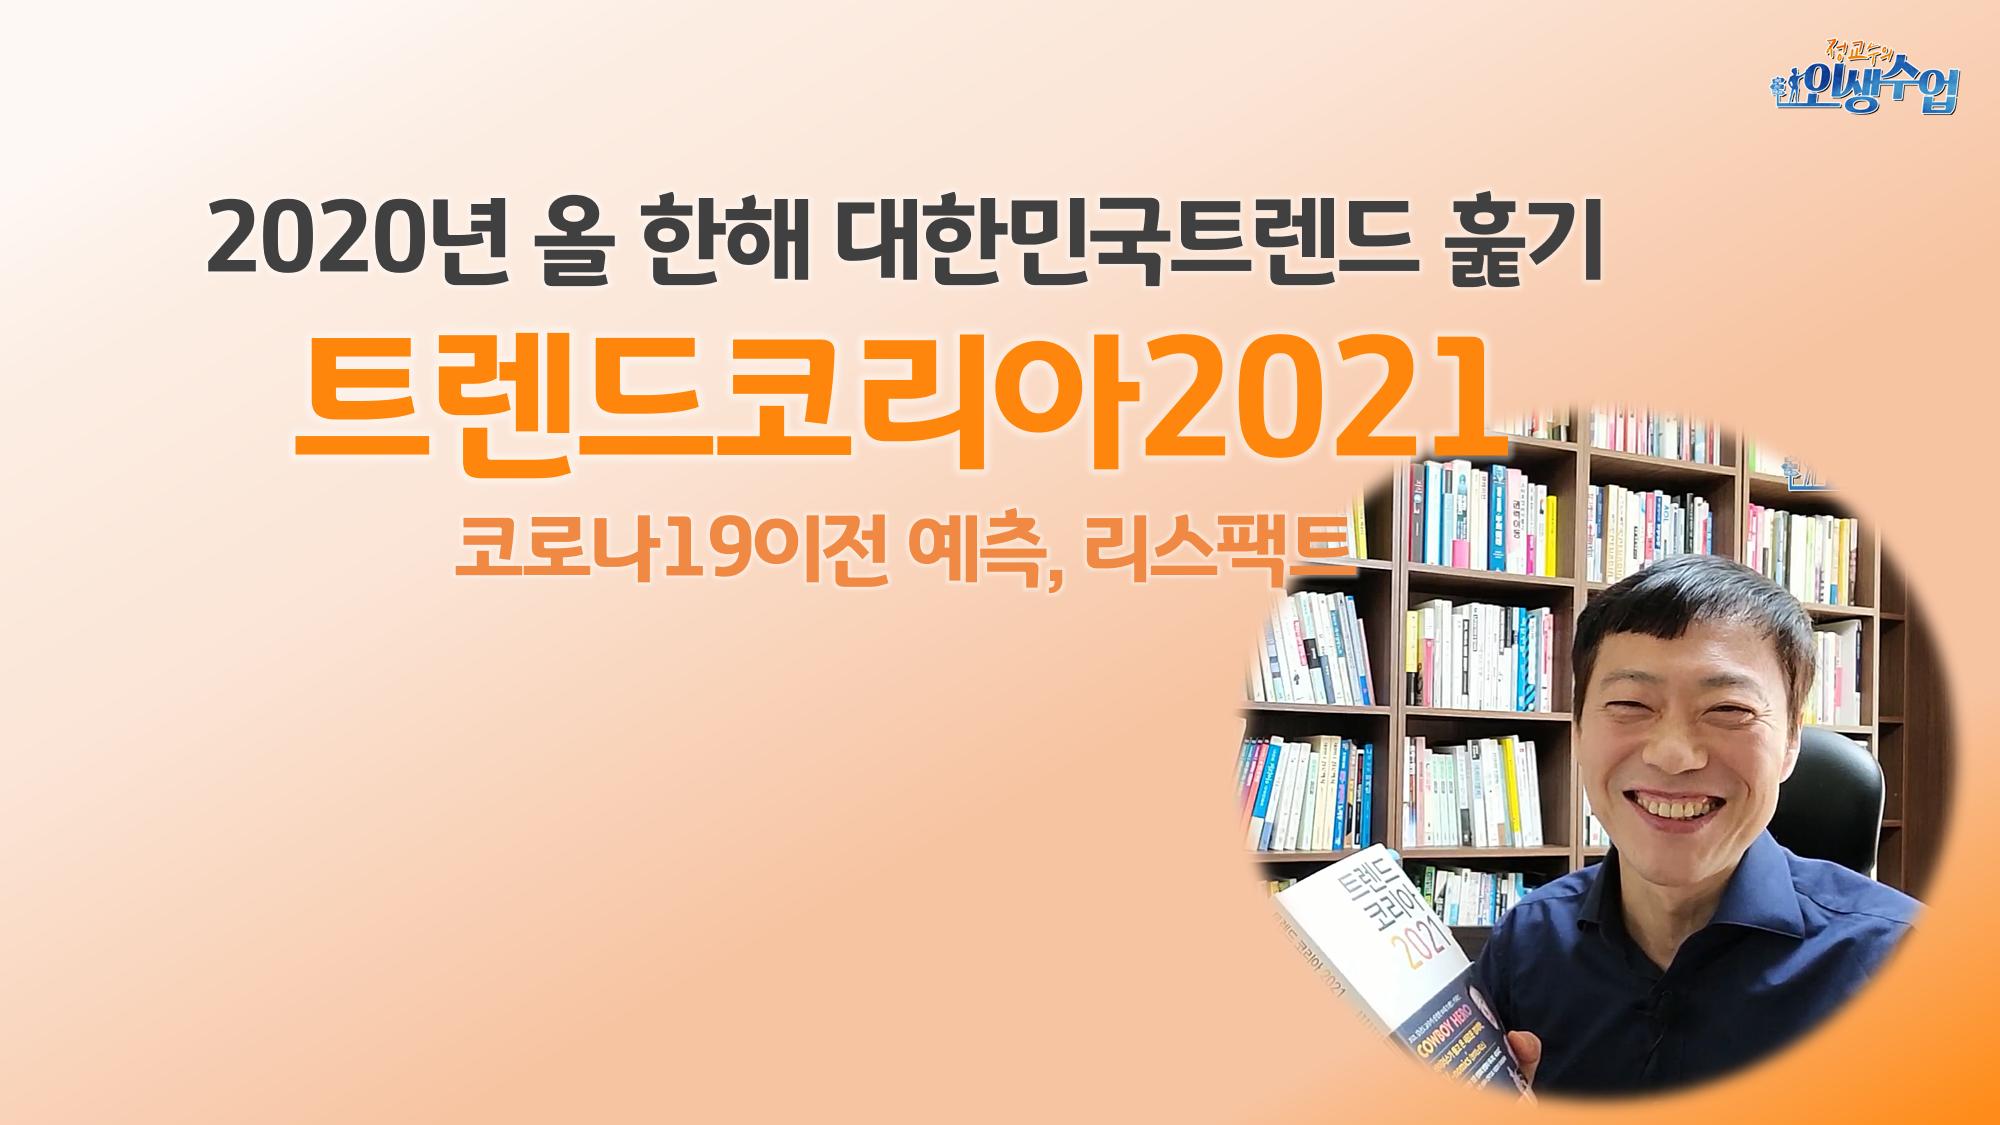 2020년 올 한해 대한민국트렌드 훑기 (트렌드코리아2021 도서리뷰, 코로나19이전 예측에 리스팩트)